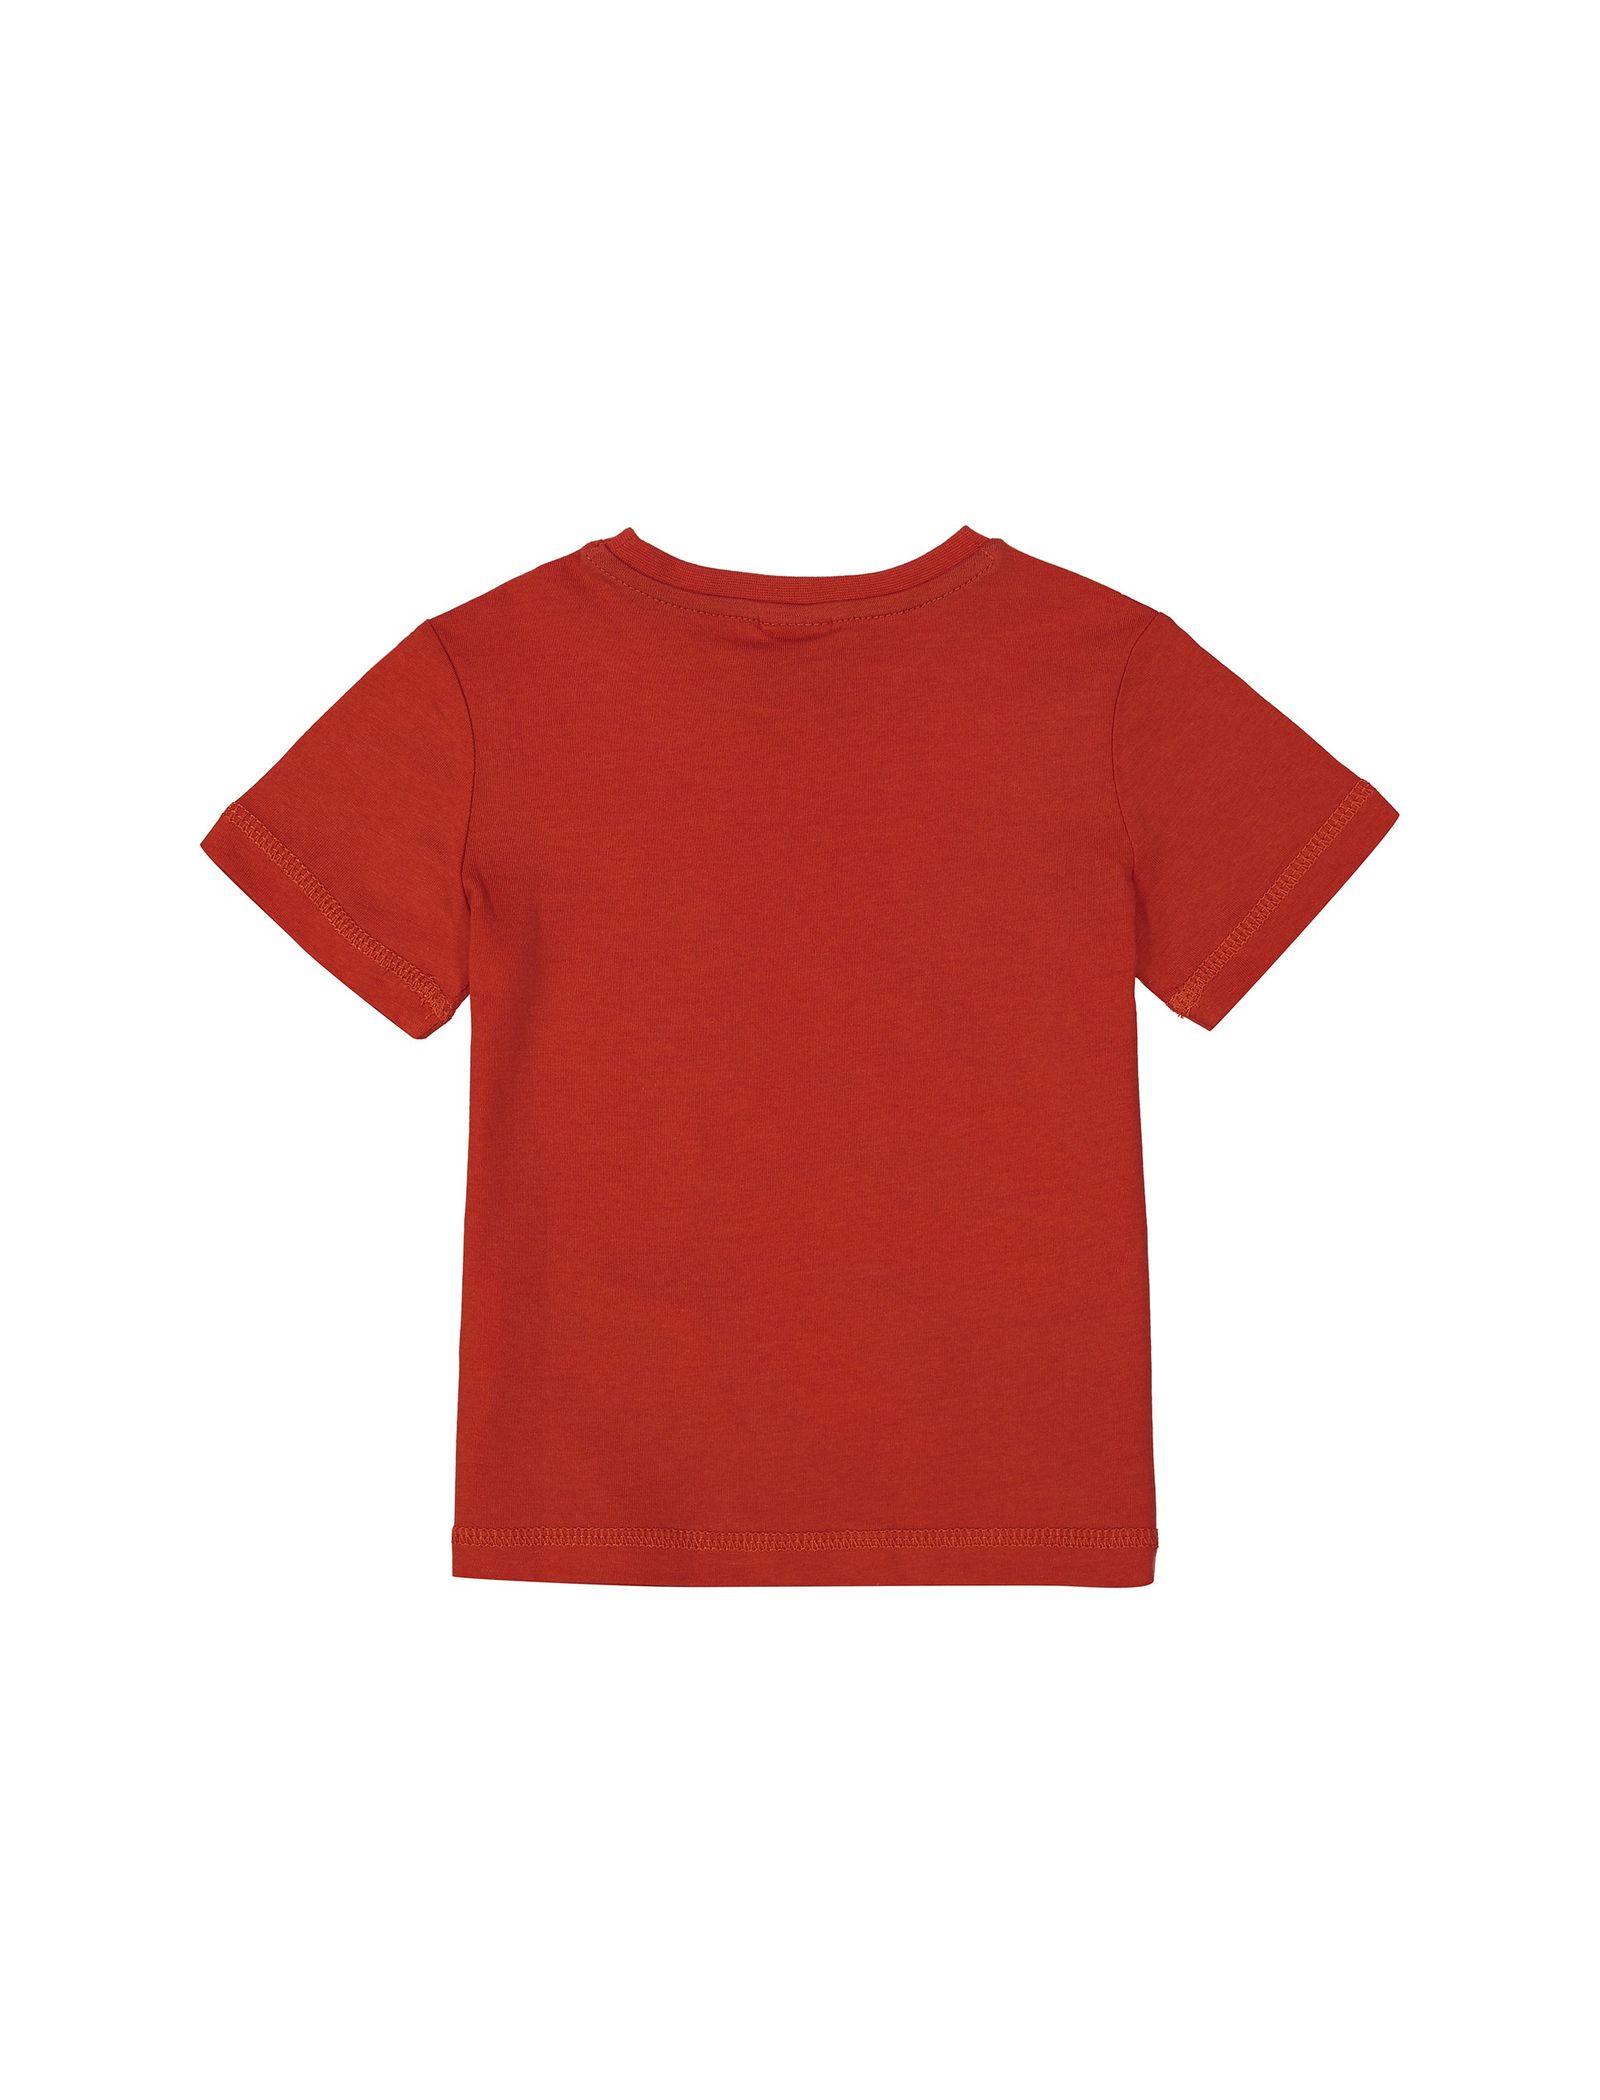 تی شرت نخی یقه گرد پسرانه - اس.اولیور - قرمز - 2